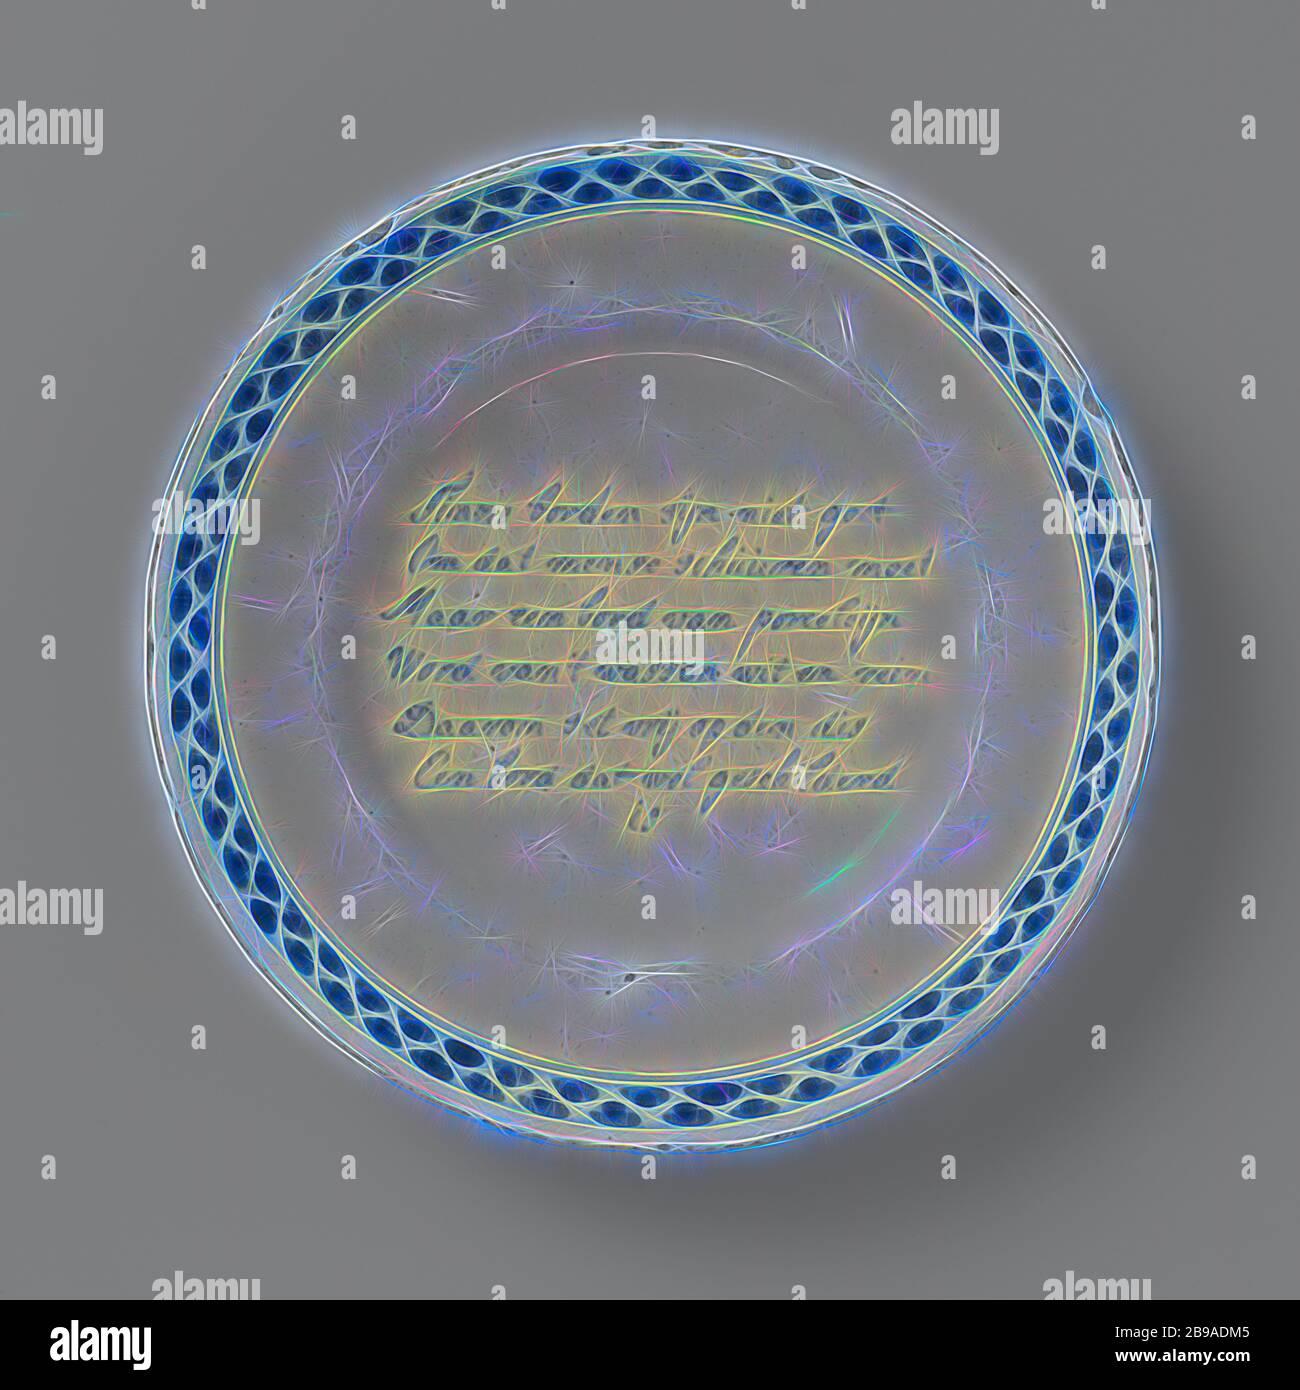 Plaque peinte avec un verset: Les plaques Tinne ne ne sont pas bonnes // parce que les gens ont besoin de jeter ... Une plaque peinte // plaque de foi. Peint en bleu avec un verset et une bordure décorée. Le verset se lit: Les plaques Tinne ne sont pas bonnes // parce que les gens doivent jeter // mais une plaque de porceline // devenir blanc et propre // c'est pourquoi il est mis libre sur le disque // UNE plaque qui est peint // est., anonyme, Delft, c. 1740 - c. 1755, d 22.5 cm, repensé par Gibon, conception de lumière chaude et gaie, rayonnant de lumière et de rayonnement. L'art classique réinventé avec une touche moderne. Photographie inspirée par fut Banque D'Images